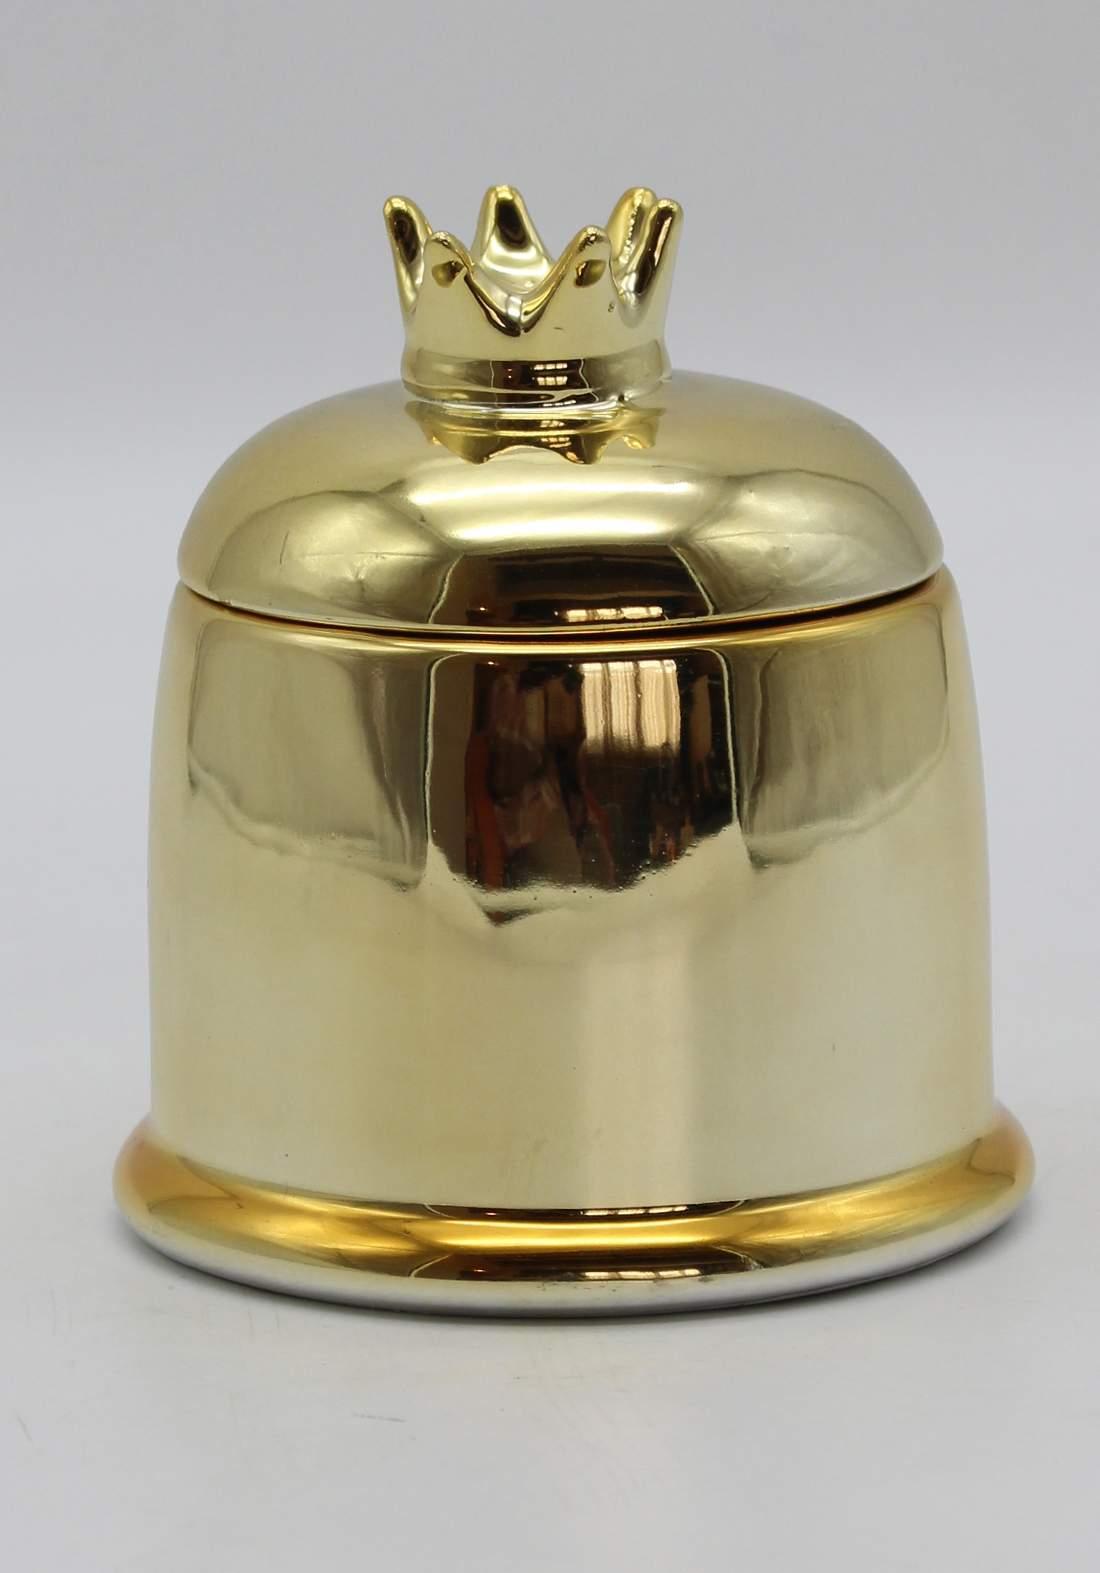 شمع معطر غلاف علبة شكل نجمة-Gold